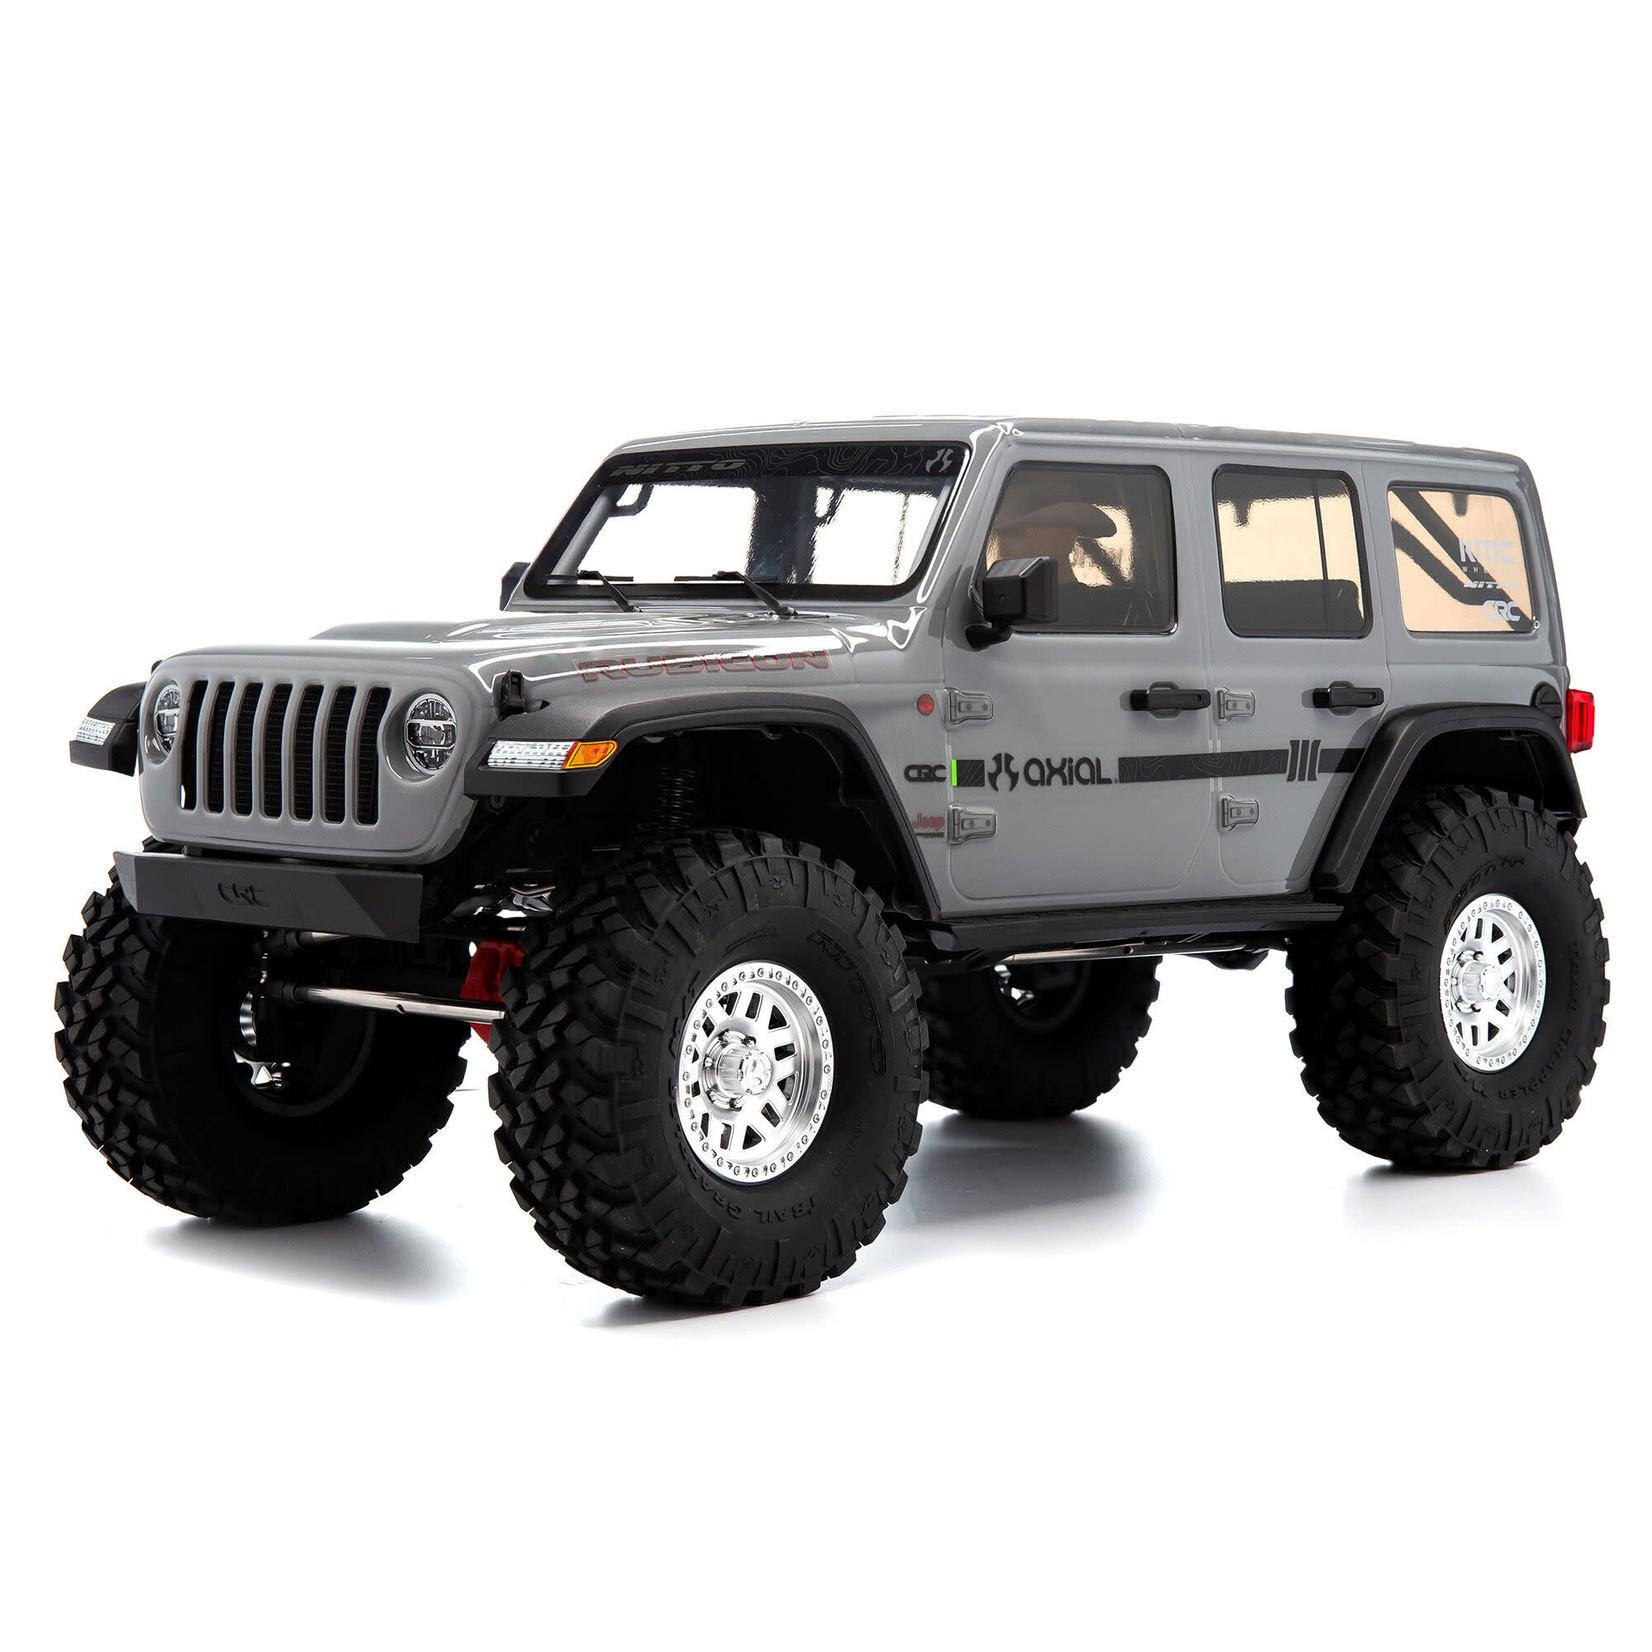 Axial AXI03003 Axial SCX10III Jeep JLU Wrangler